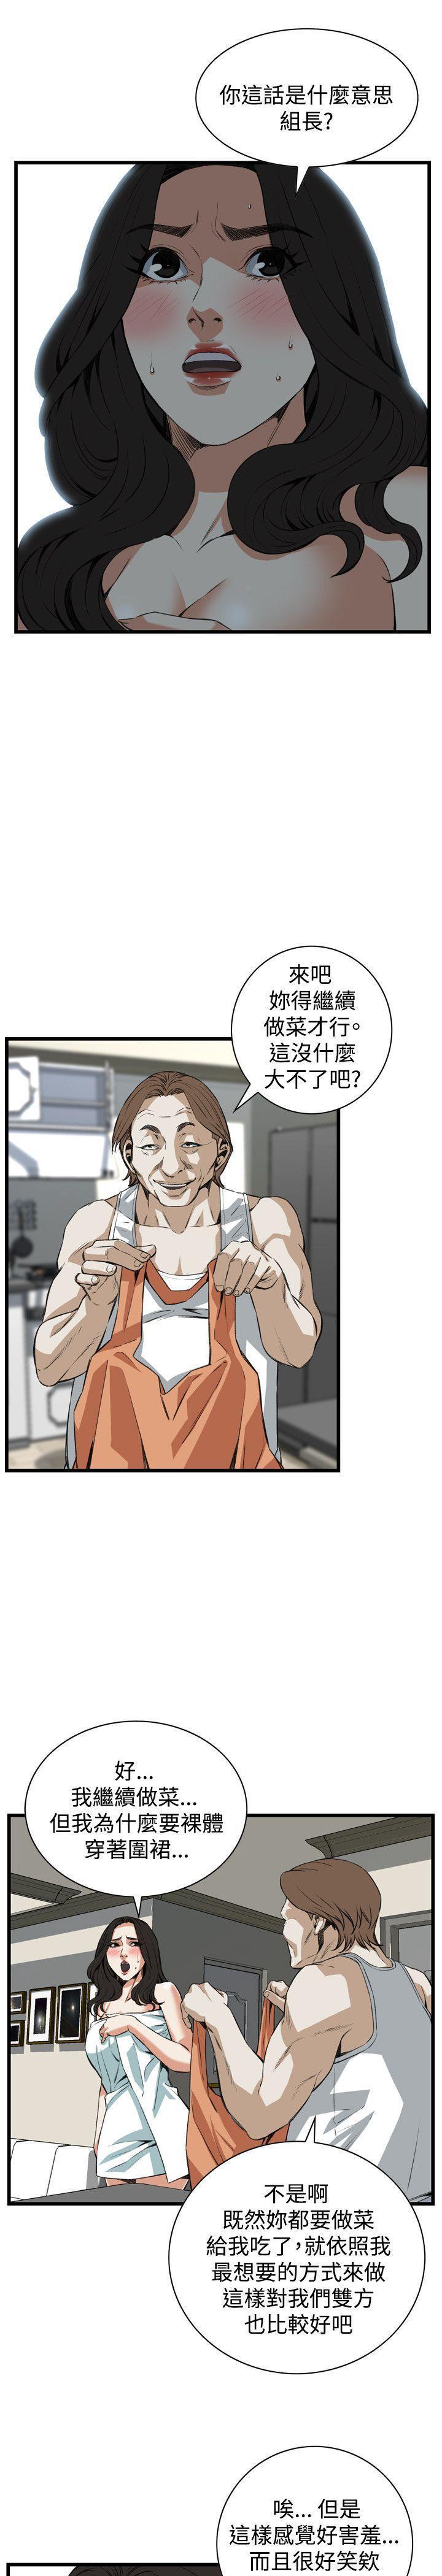 偷窥72-93 Chinese Rsiky 304